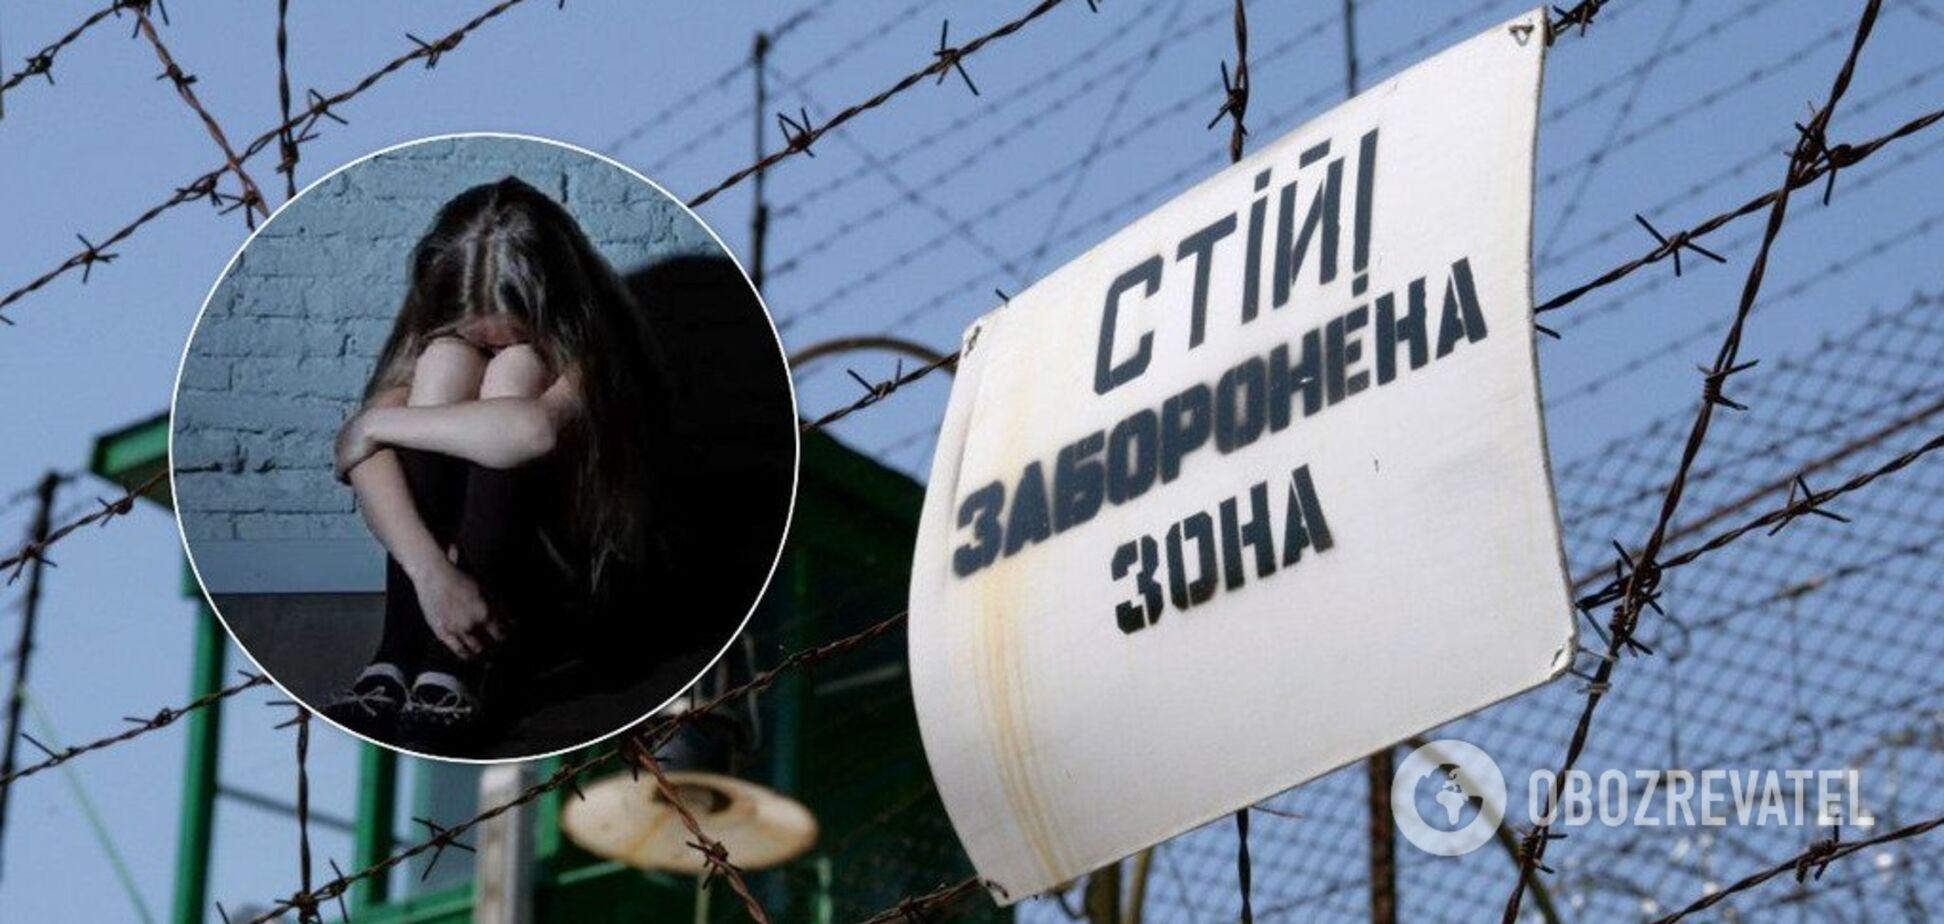 'Убили сотрудники СИЗО': подробности расправы над педофилом в Виннице